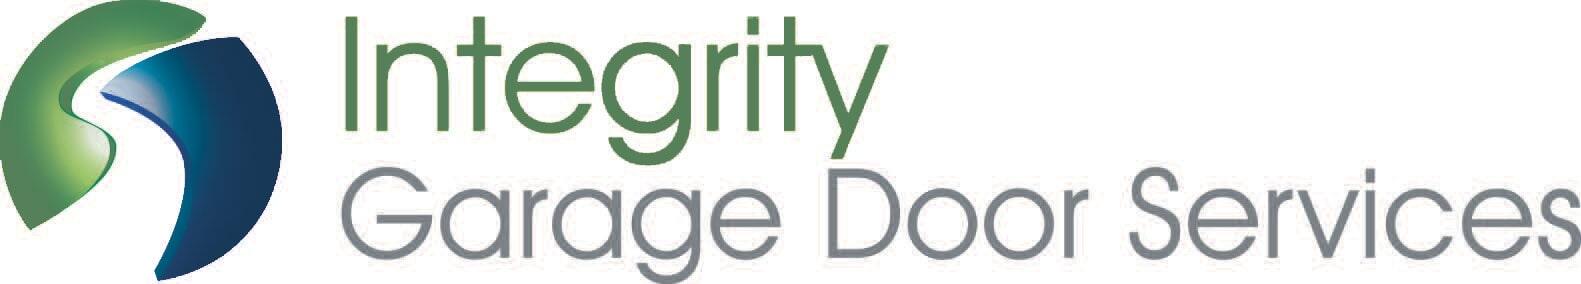 Garage Door Service Clearwater Fl Integrity Garage Door Service